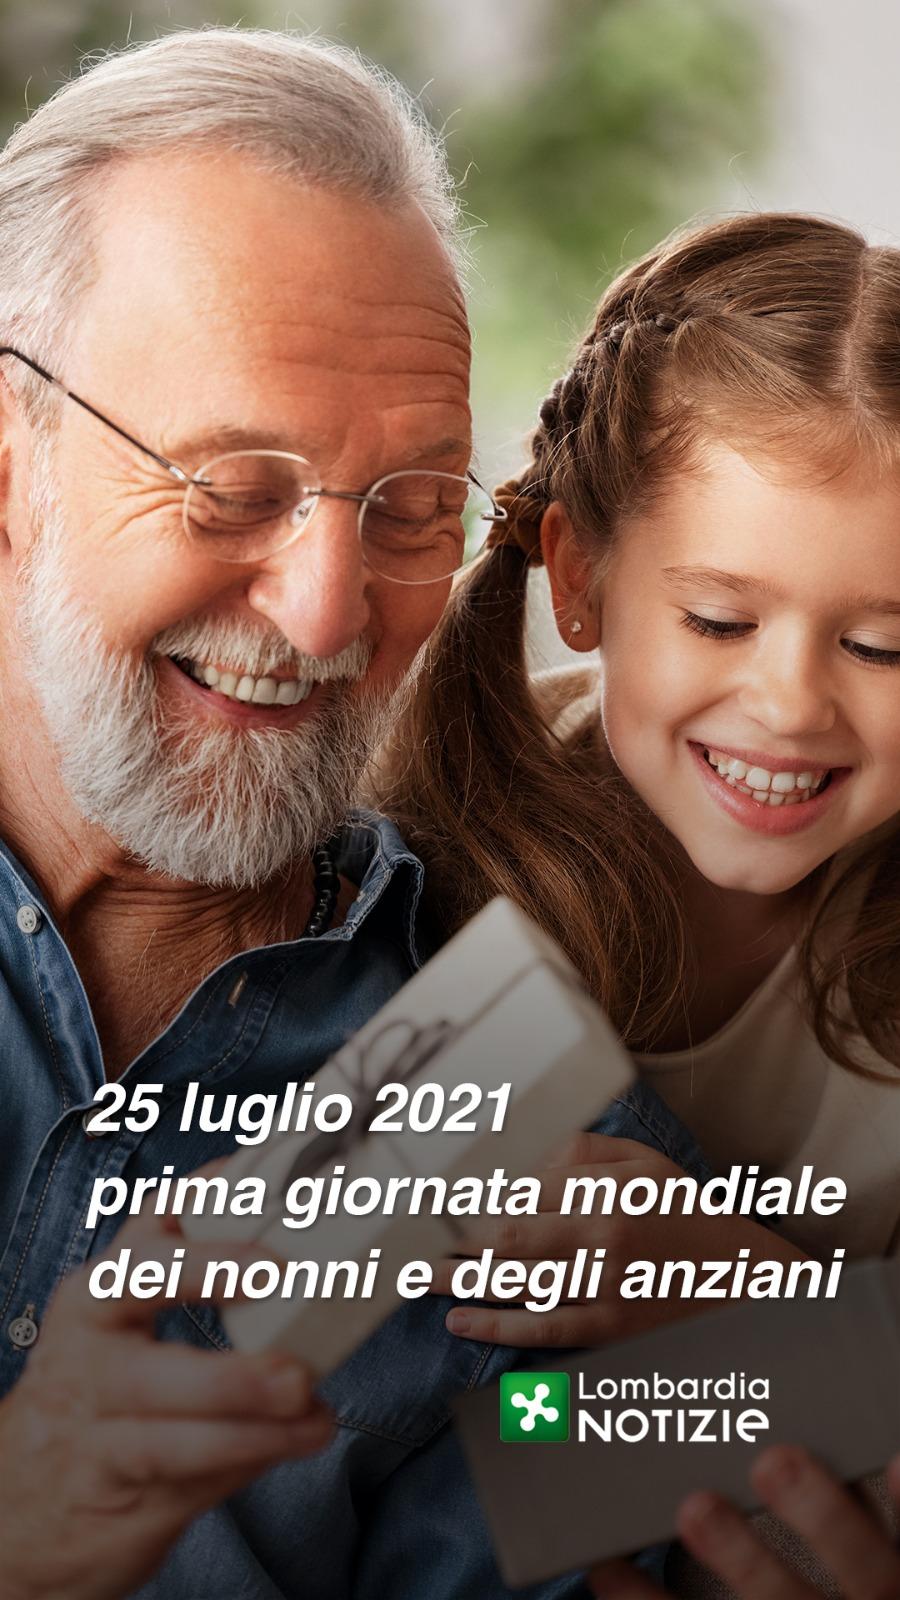 25 Luglio 2021 prima giornata mondiale dei nonni e degli anziani